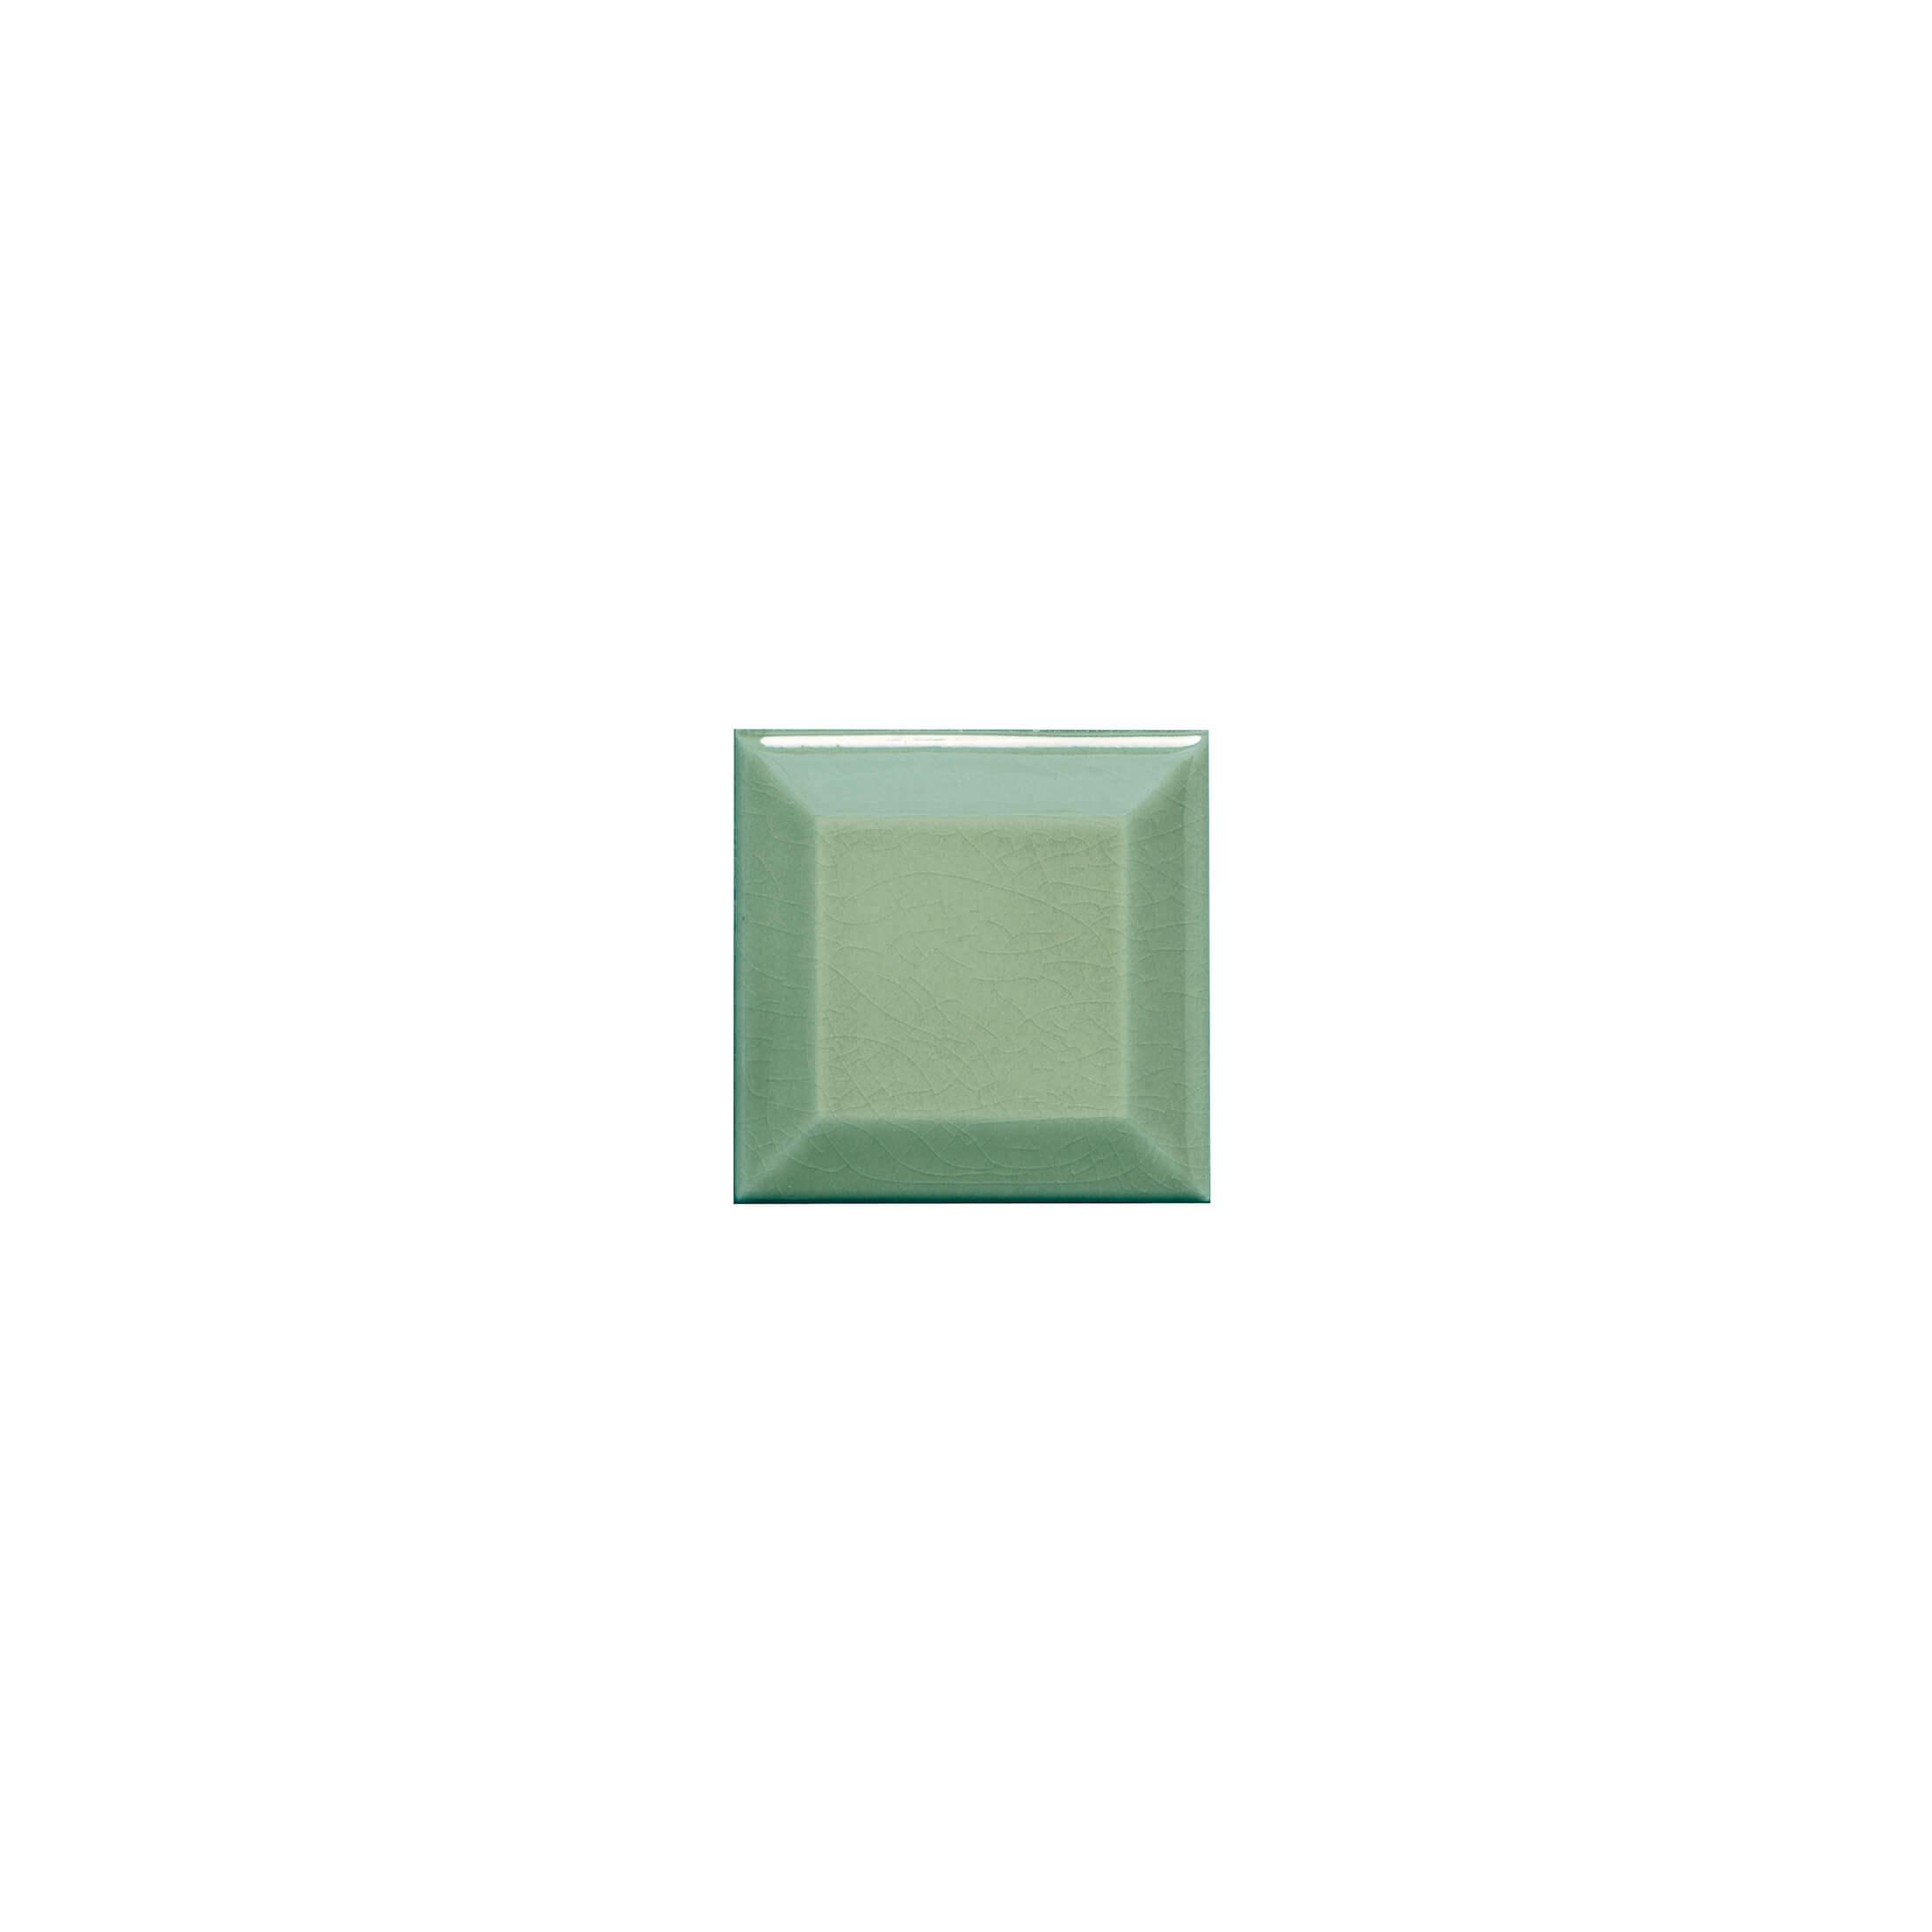 ADMO2027 - BISELADO PB C/C - 7.5 cm X 7.5 cm